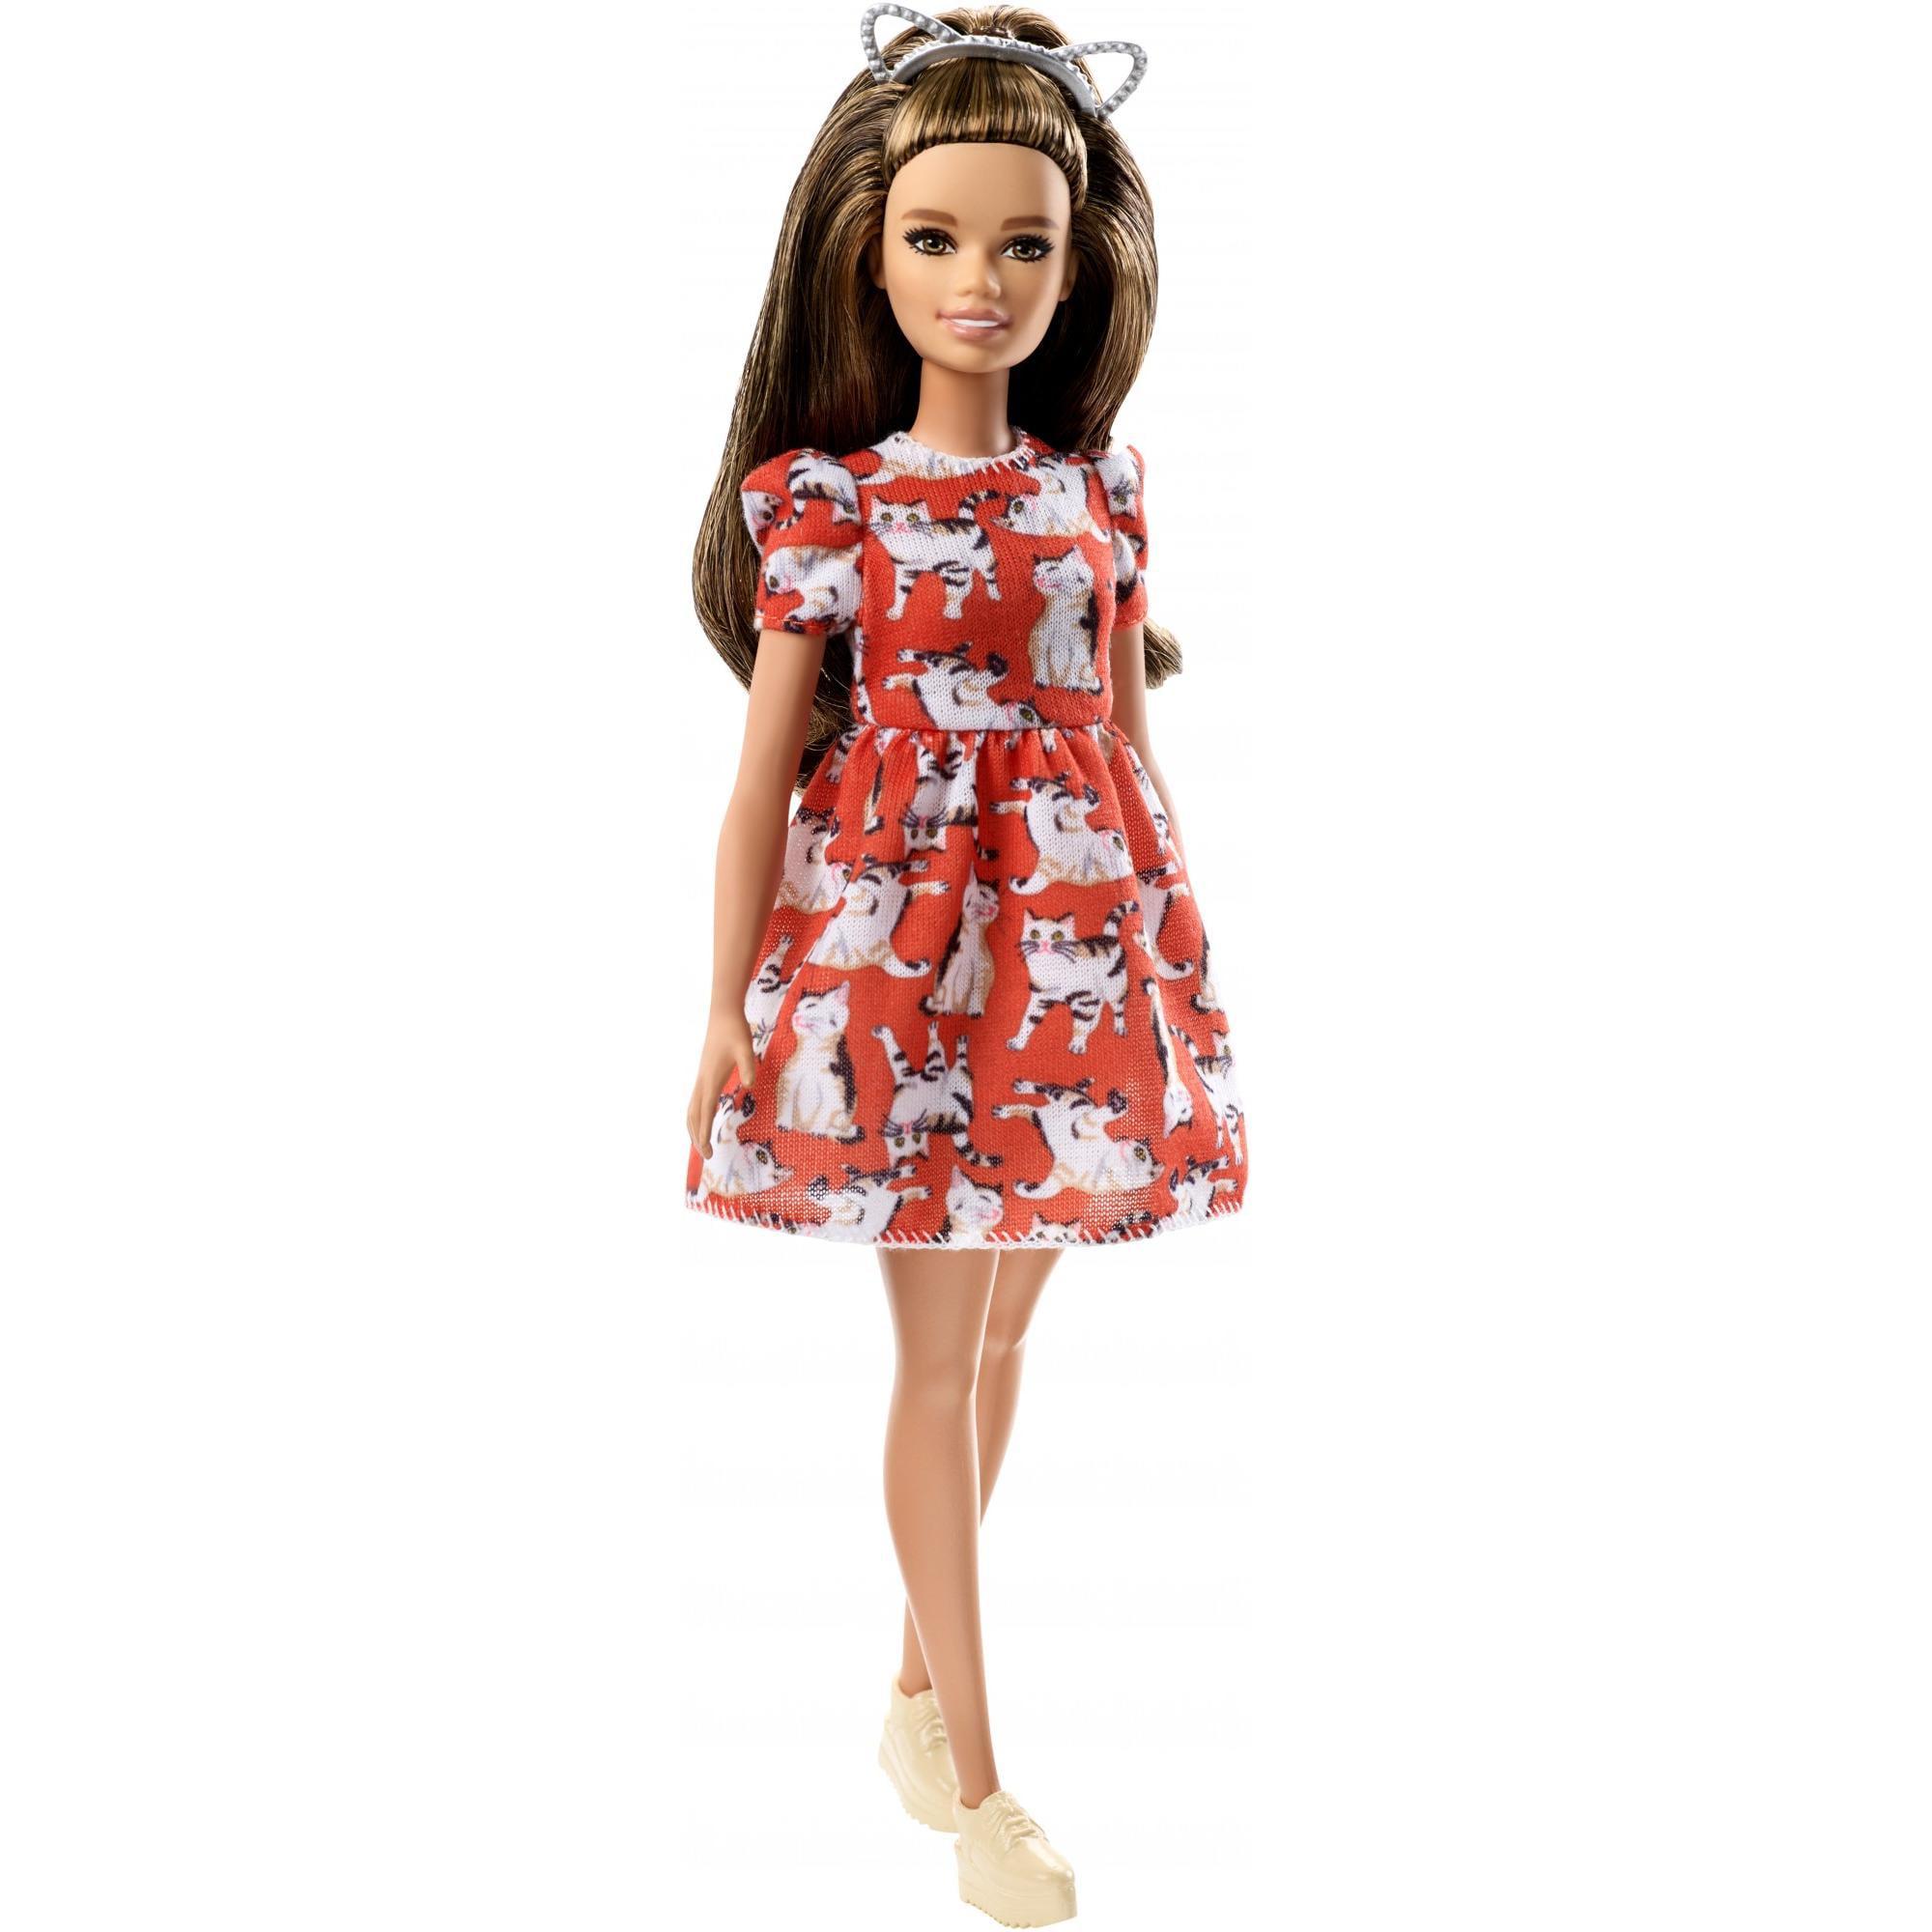 Barbie Fashionistas Doll 97, Kitty Dress